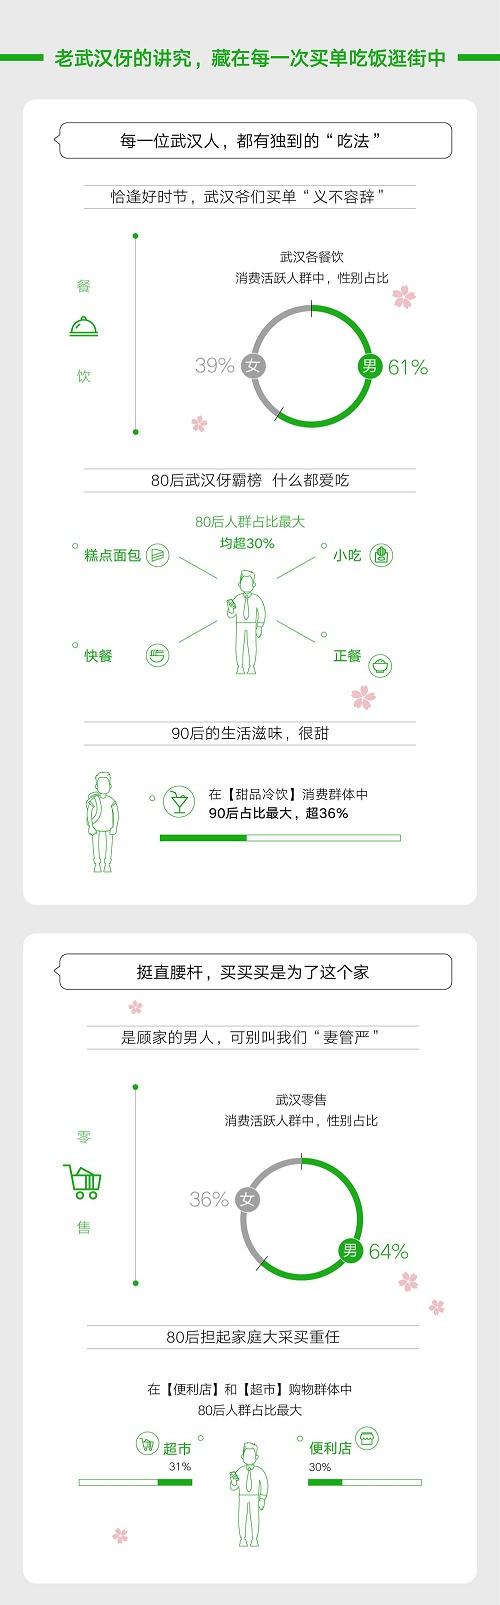 3.25-4.3期间 武汉微信支付线下交易笔数增幅高达162%